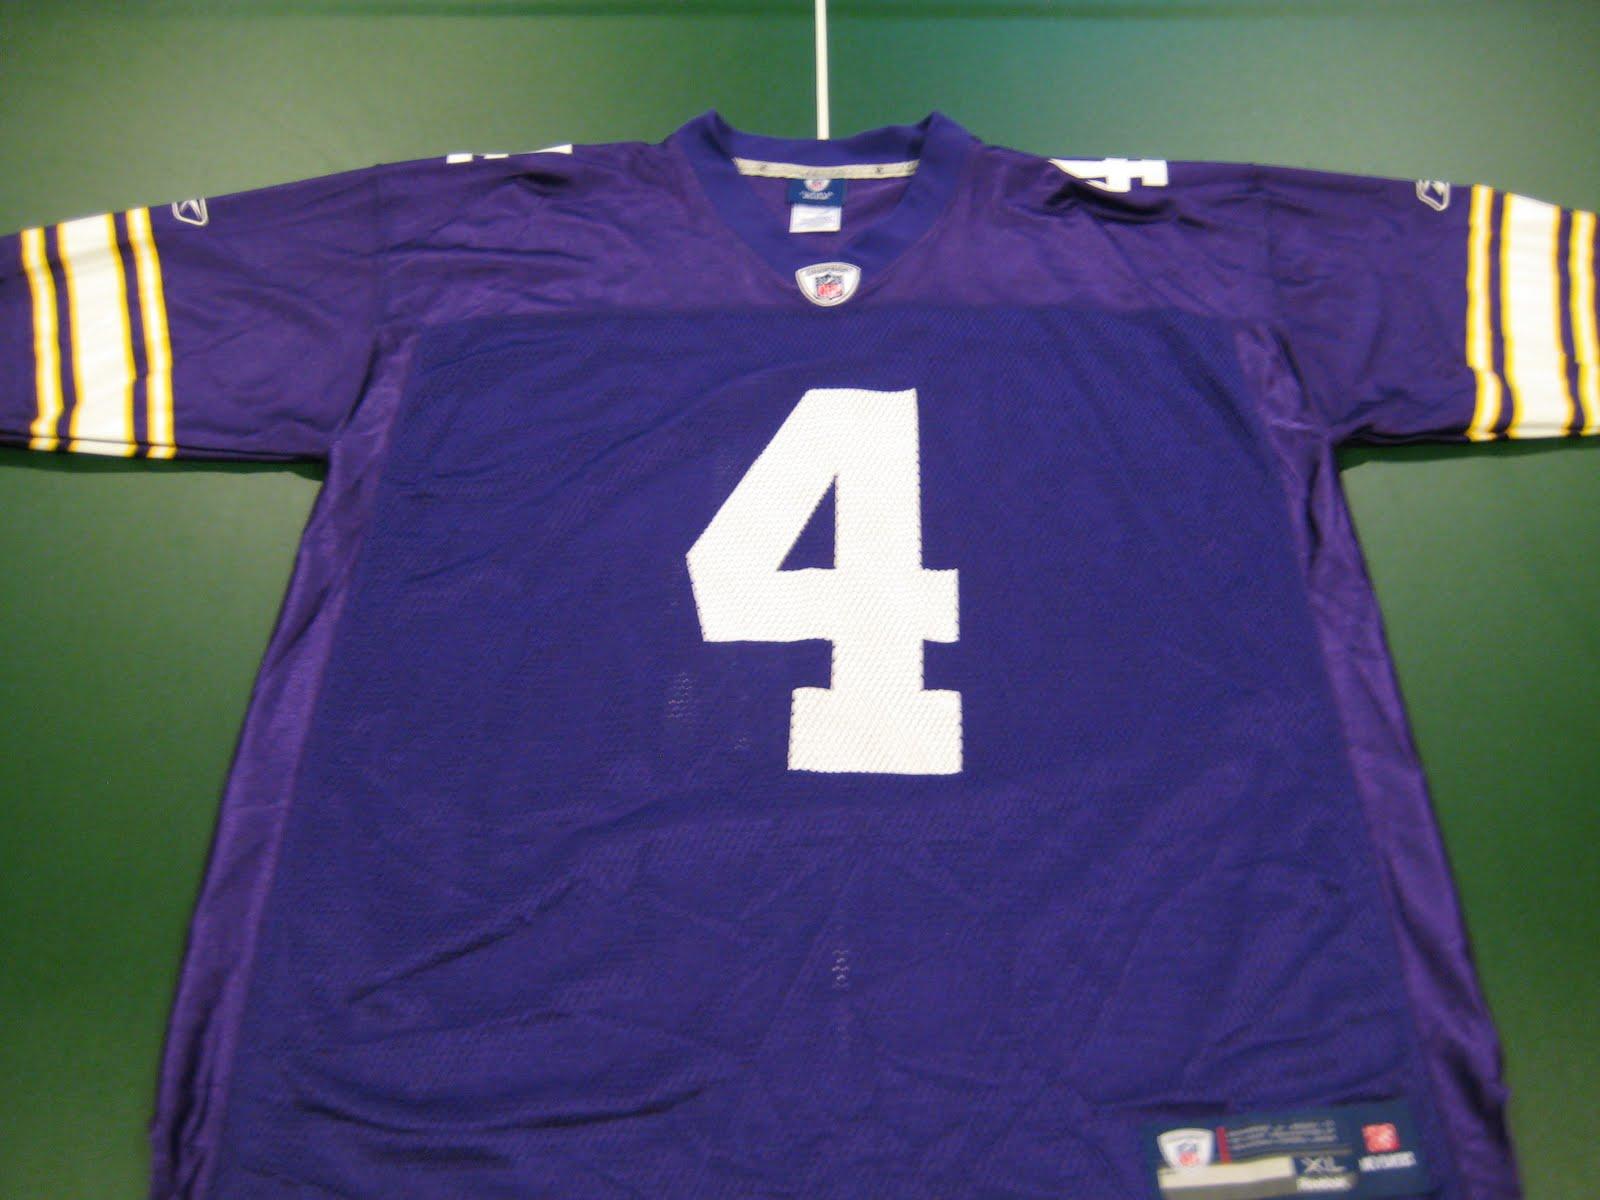 finest selection 528a7 bda9b Bmac's Jerseys: Brett Favre Replica Alternate/Throwback Jersey